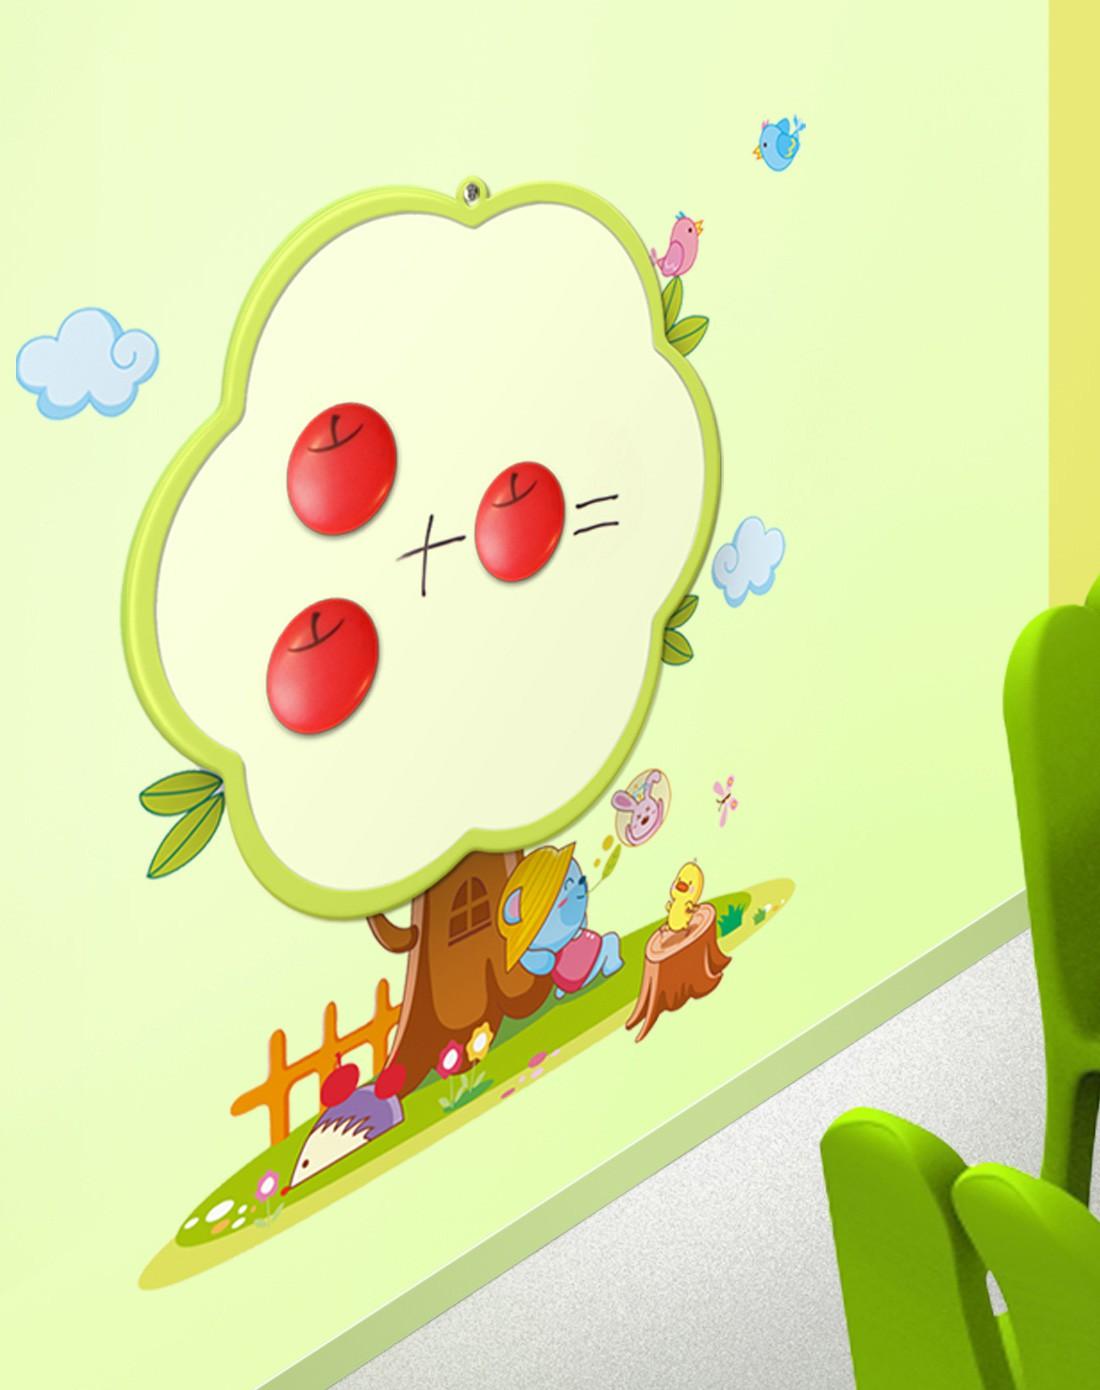 儿童墙贴教学画画写字板游戏亲子互动